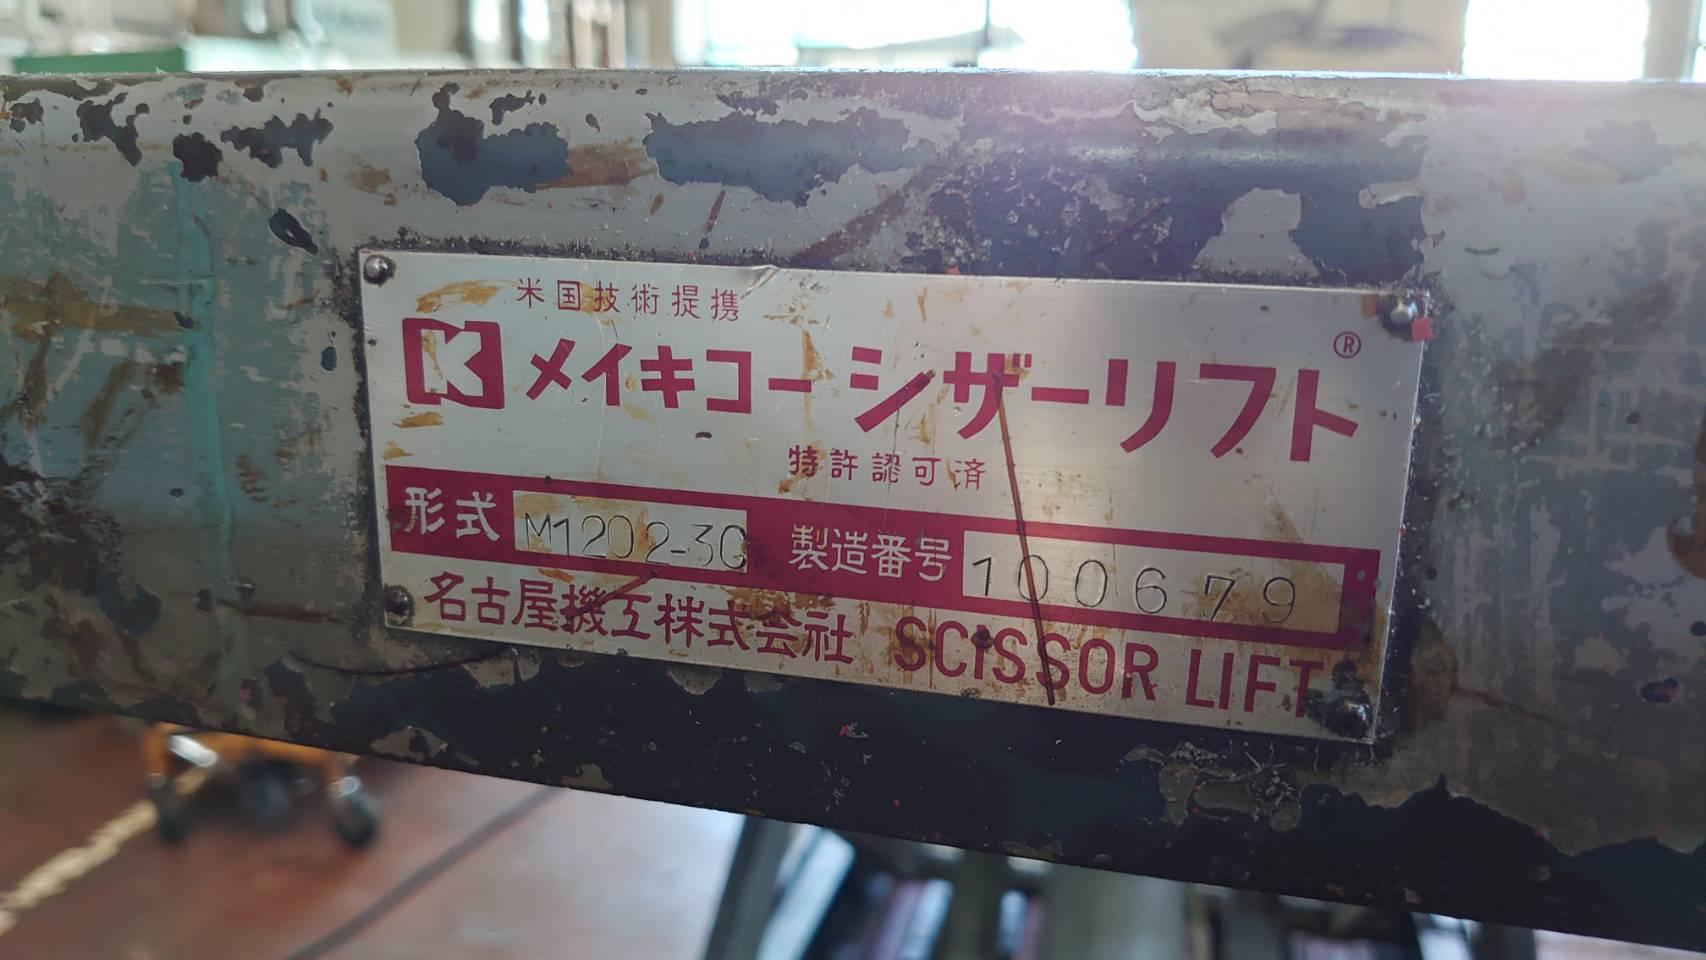 名古屋機工_M1202-30_テーブルリフター